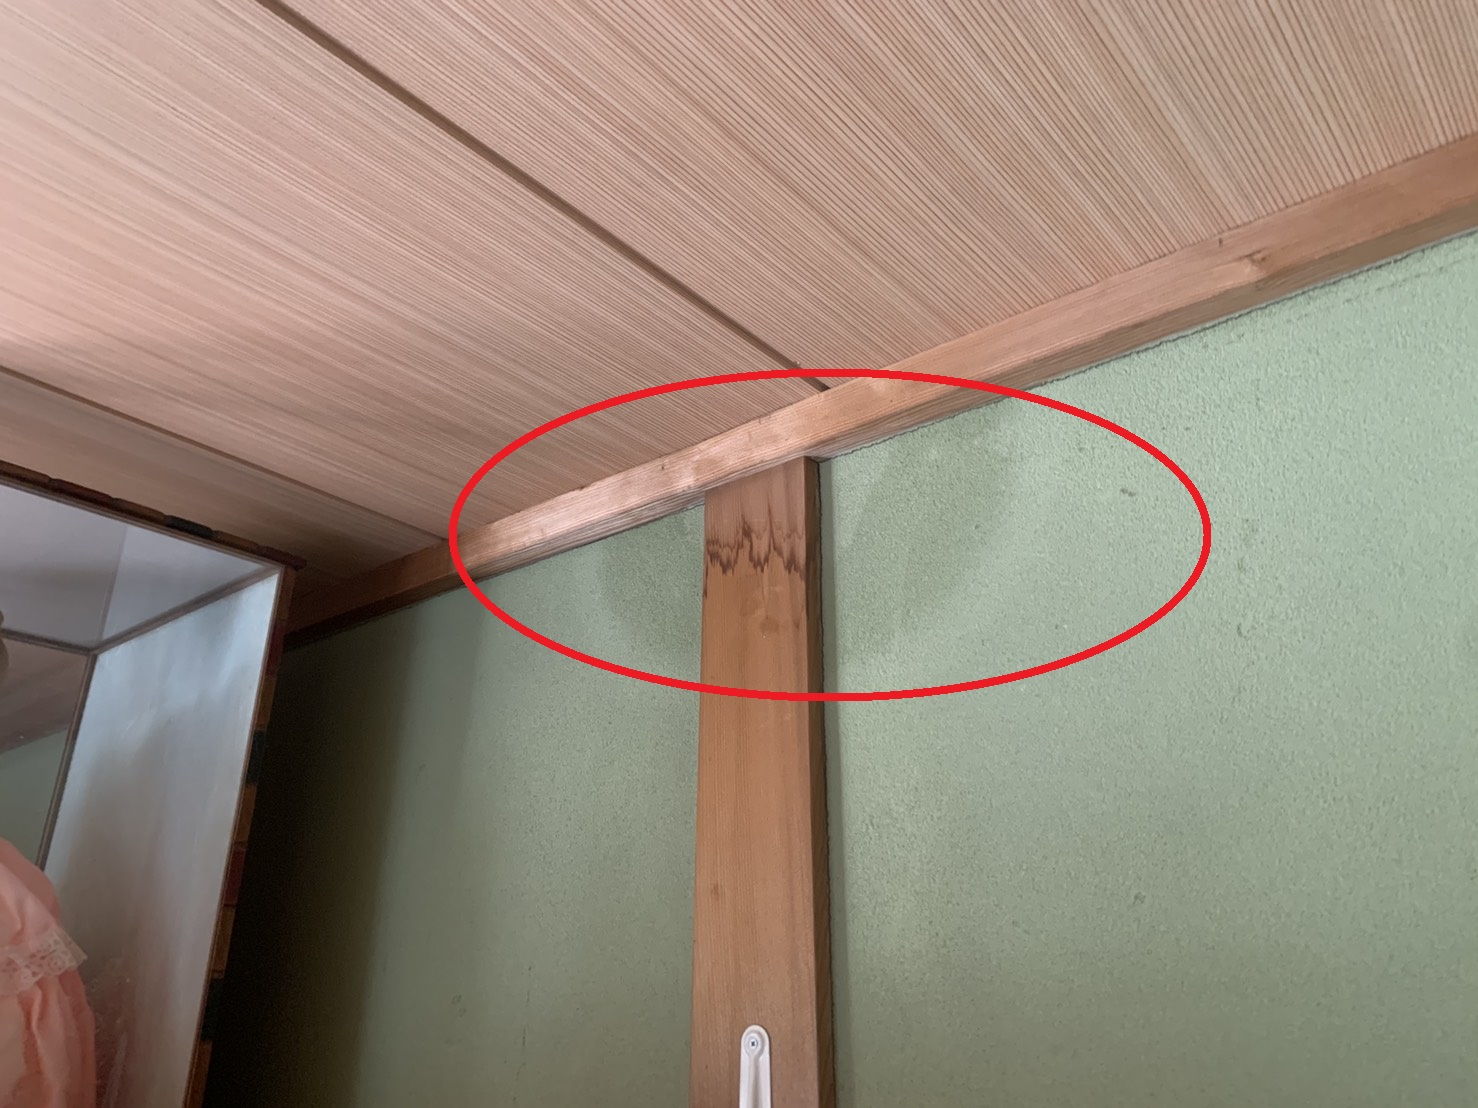 瓦屋根調査で雨漏りの様子を室内から見た様子